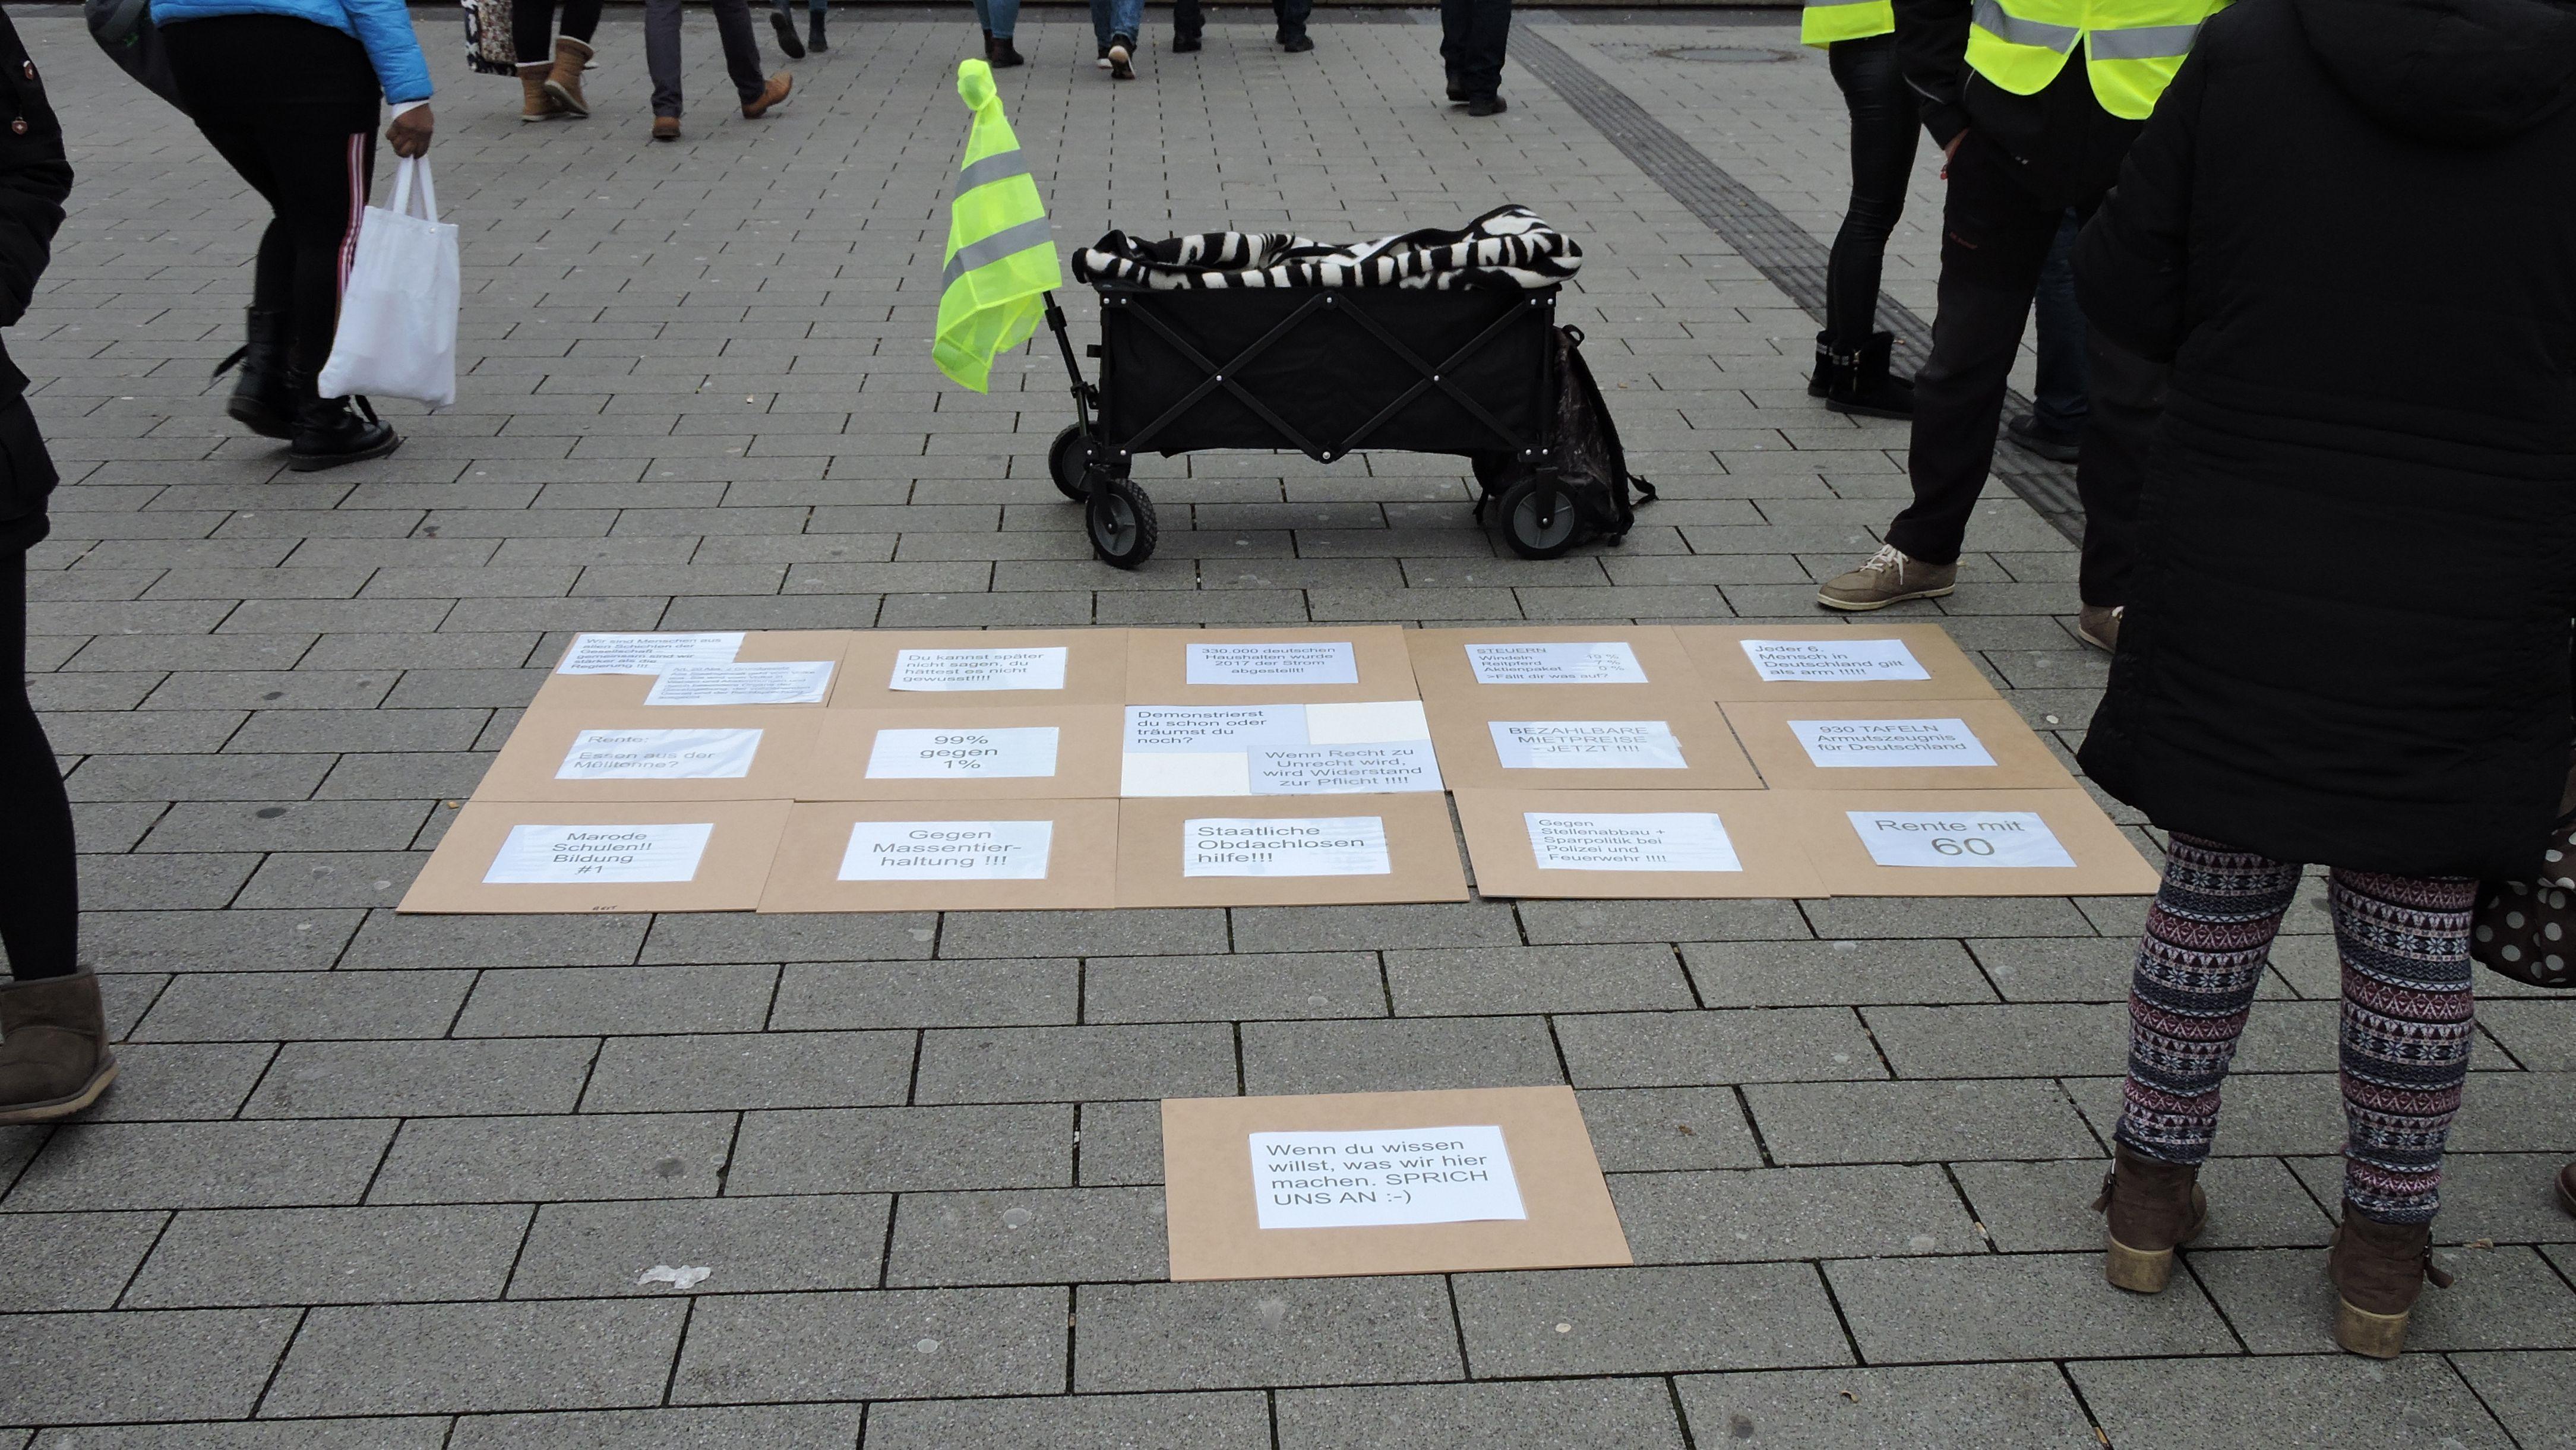 Bollerwagen auf dem Platz, davor liegen Pappschilder mit politischen Fortderungen